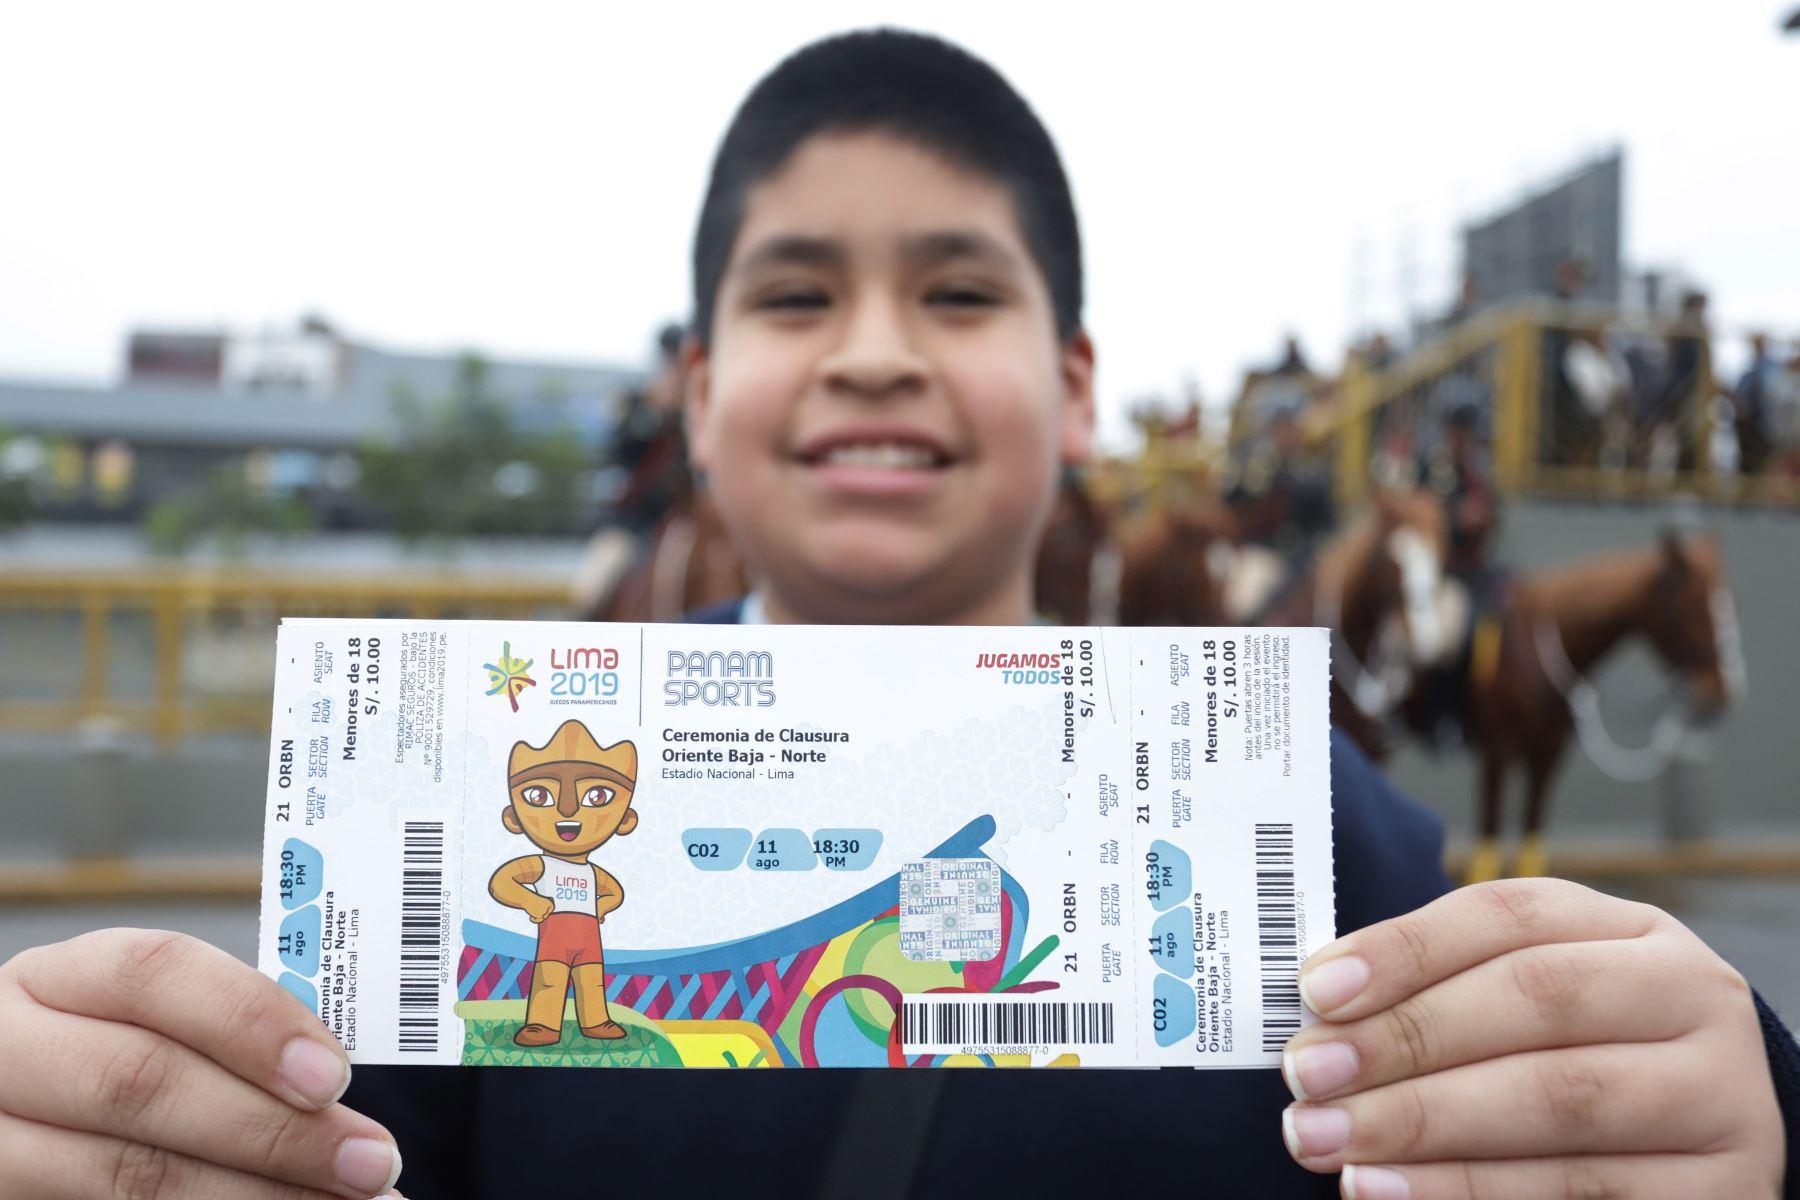 Aficionados llegan al estadio Nacional para la clausura de los Juegos Panamericanos Lima 2019. Foto: ANDINA/Jorge Tello